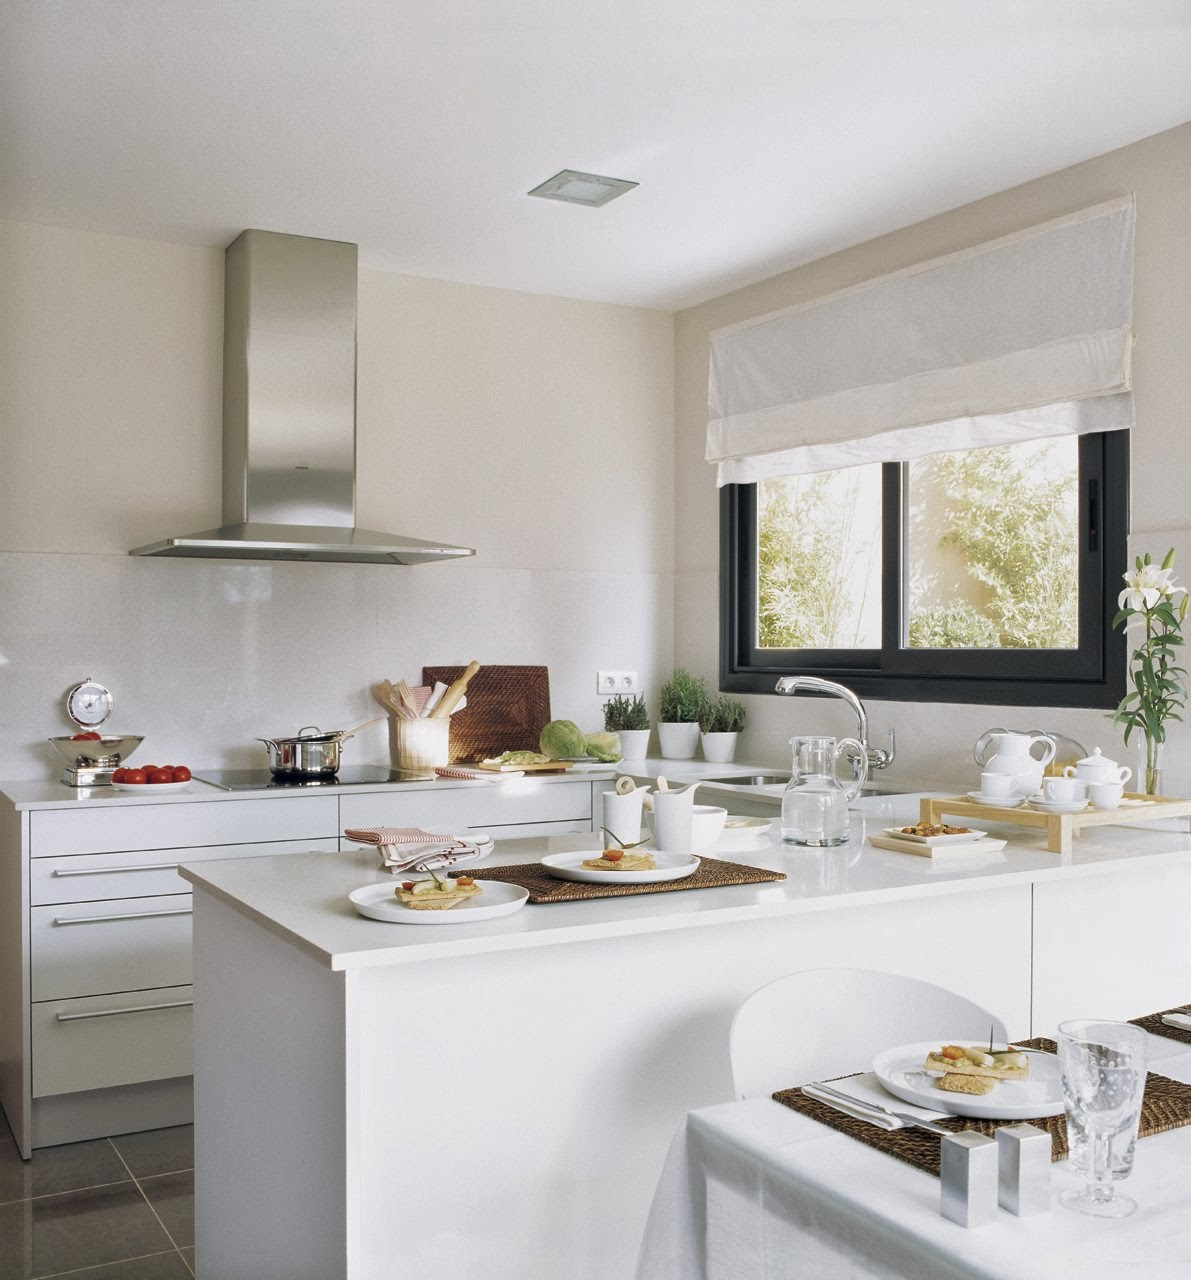 Becca decoraci n sagrario rodulfo una isla en la cocina - Cocinas con peninsula ...